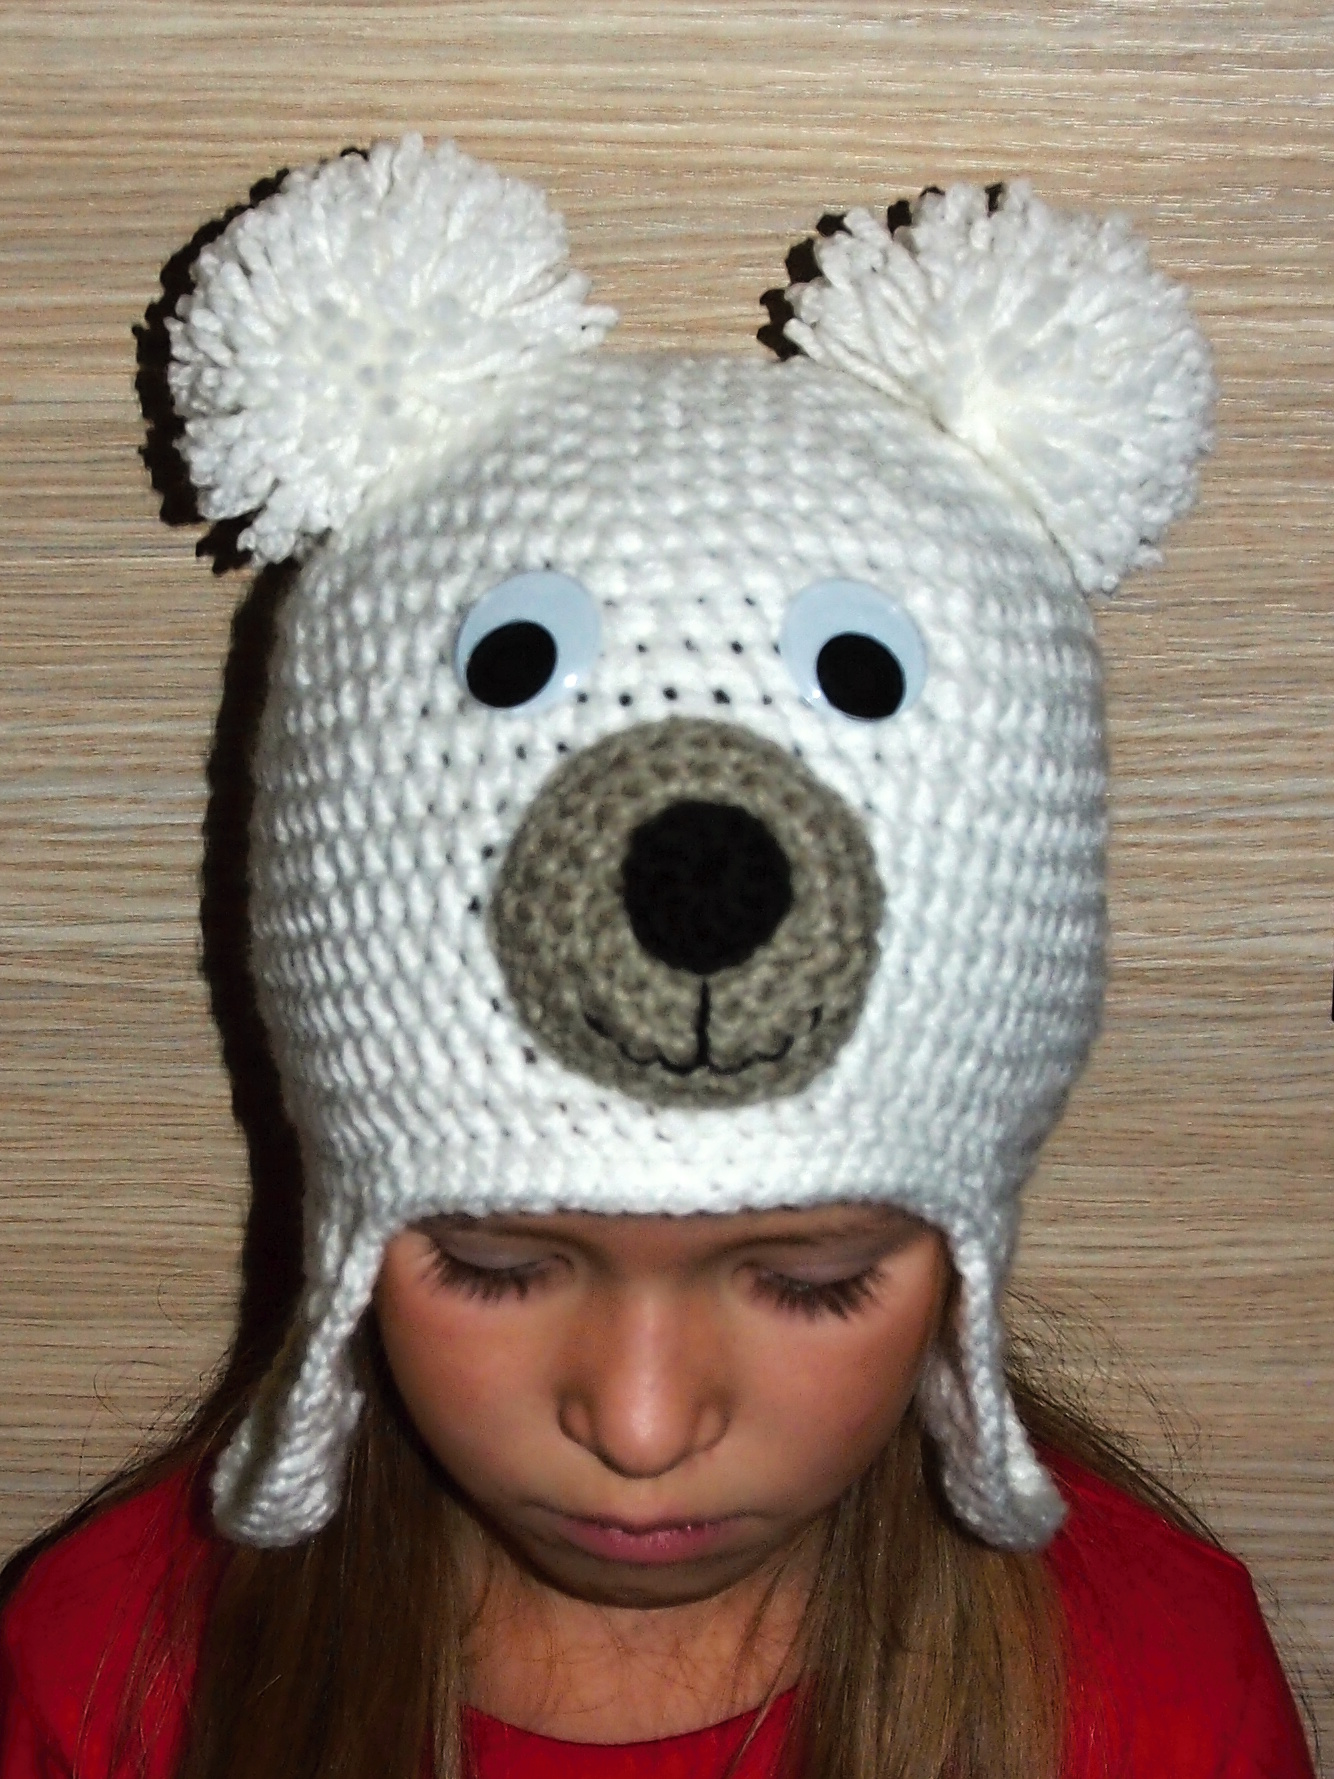 b1a1b400e41 Háčkovaná čepice lední medvídek (Podšitá fleecem)   Zboží prodejce stolicna